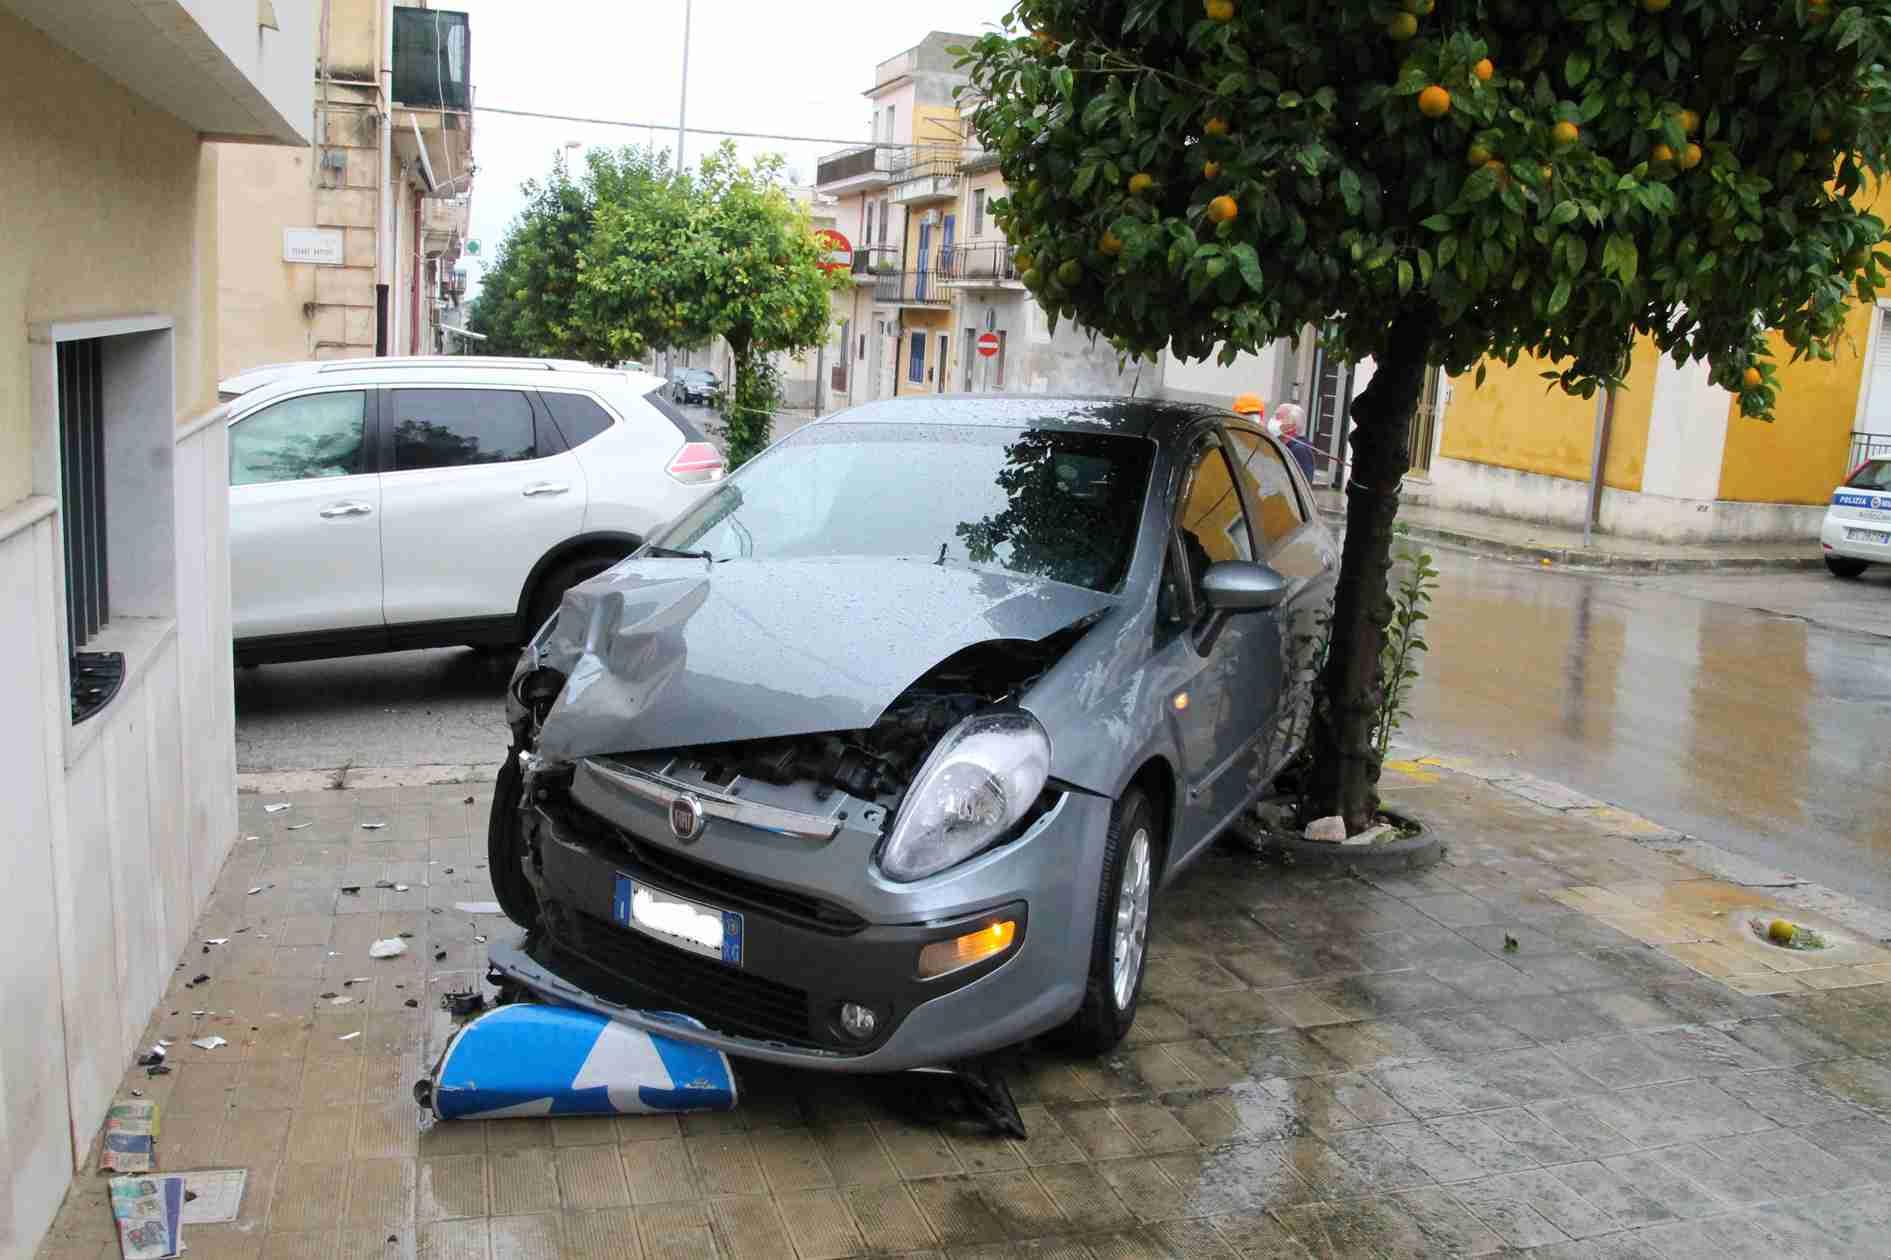 """Non si ferma al segnale di """"Stop"""", incidente tra due auto in via Manzoni/Cesare Battisti"""